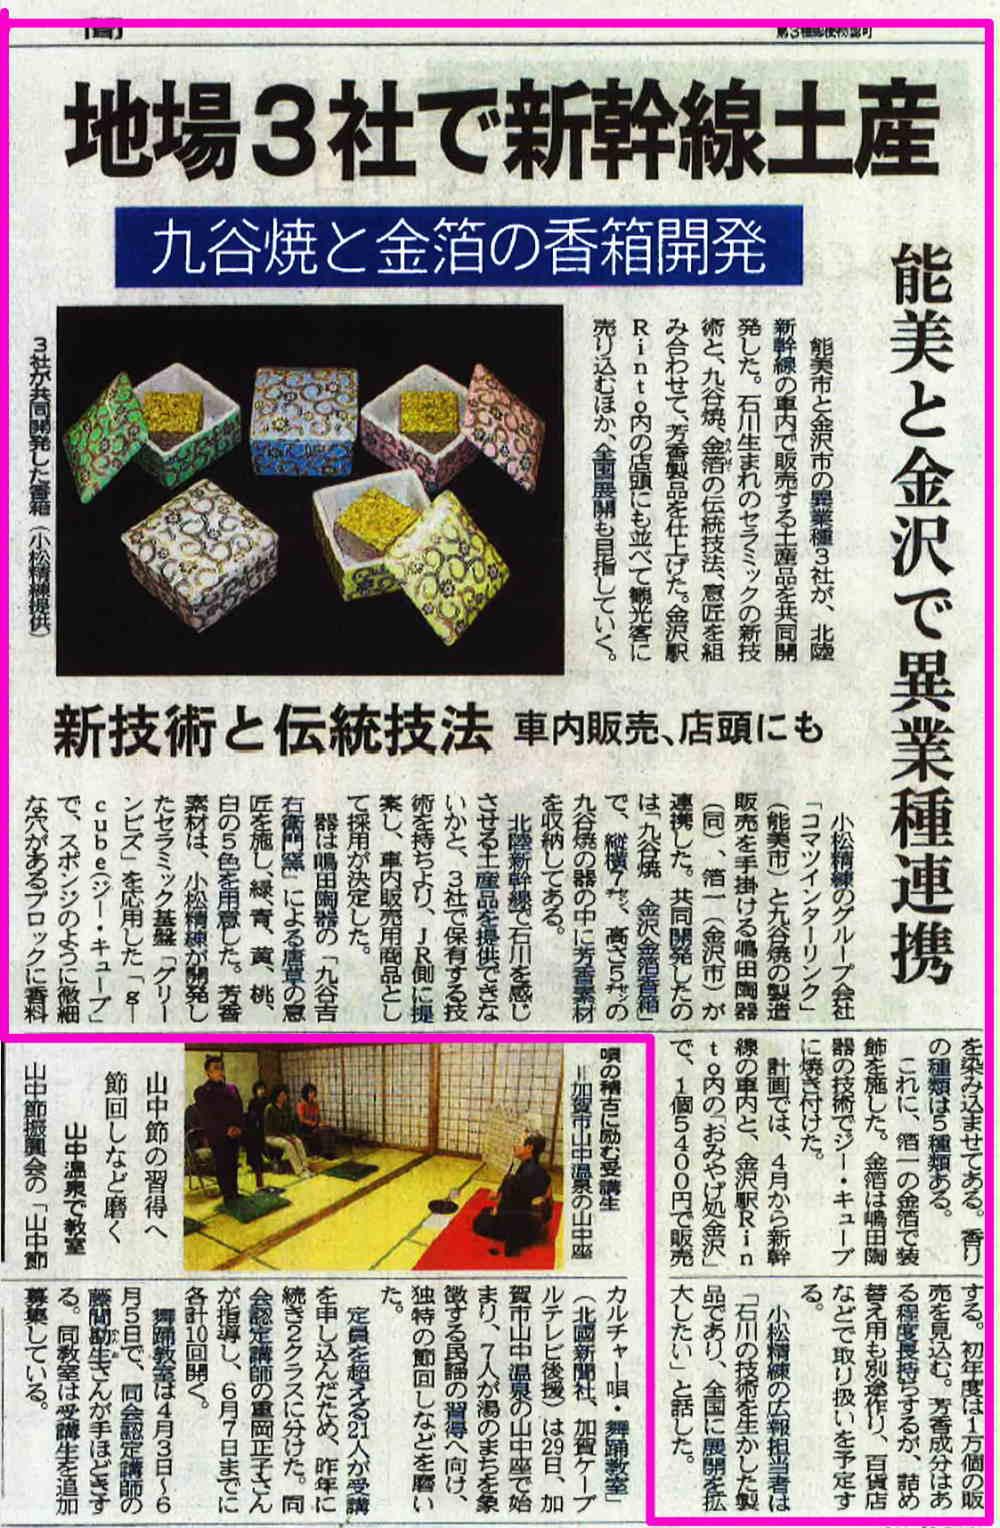 金箔型 G-CUBE、九谷焼の香箱 北國新聞掲載